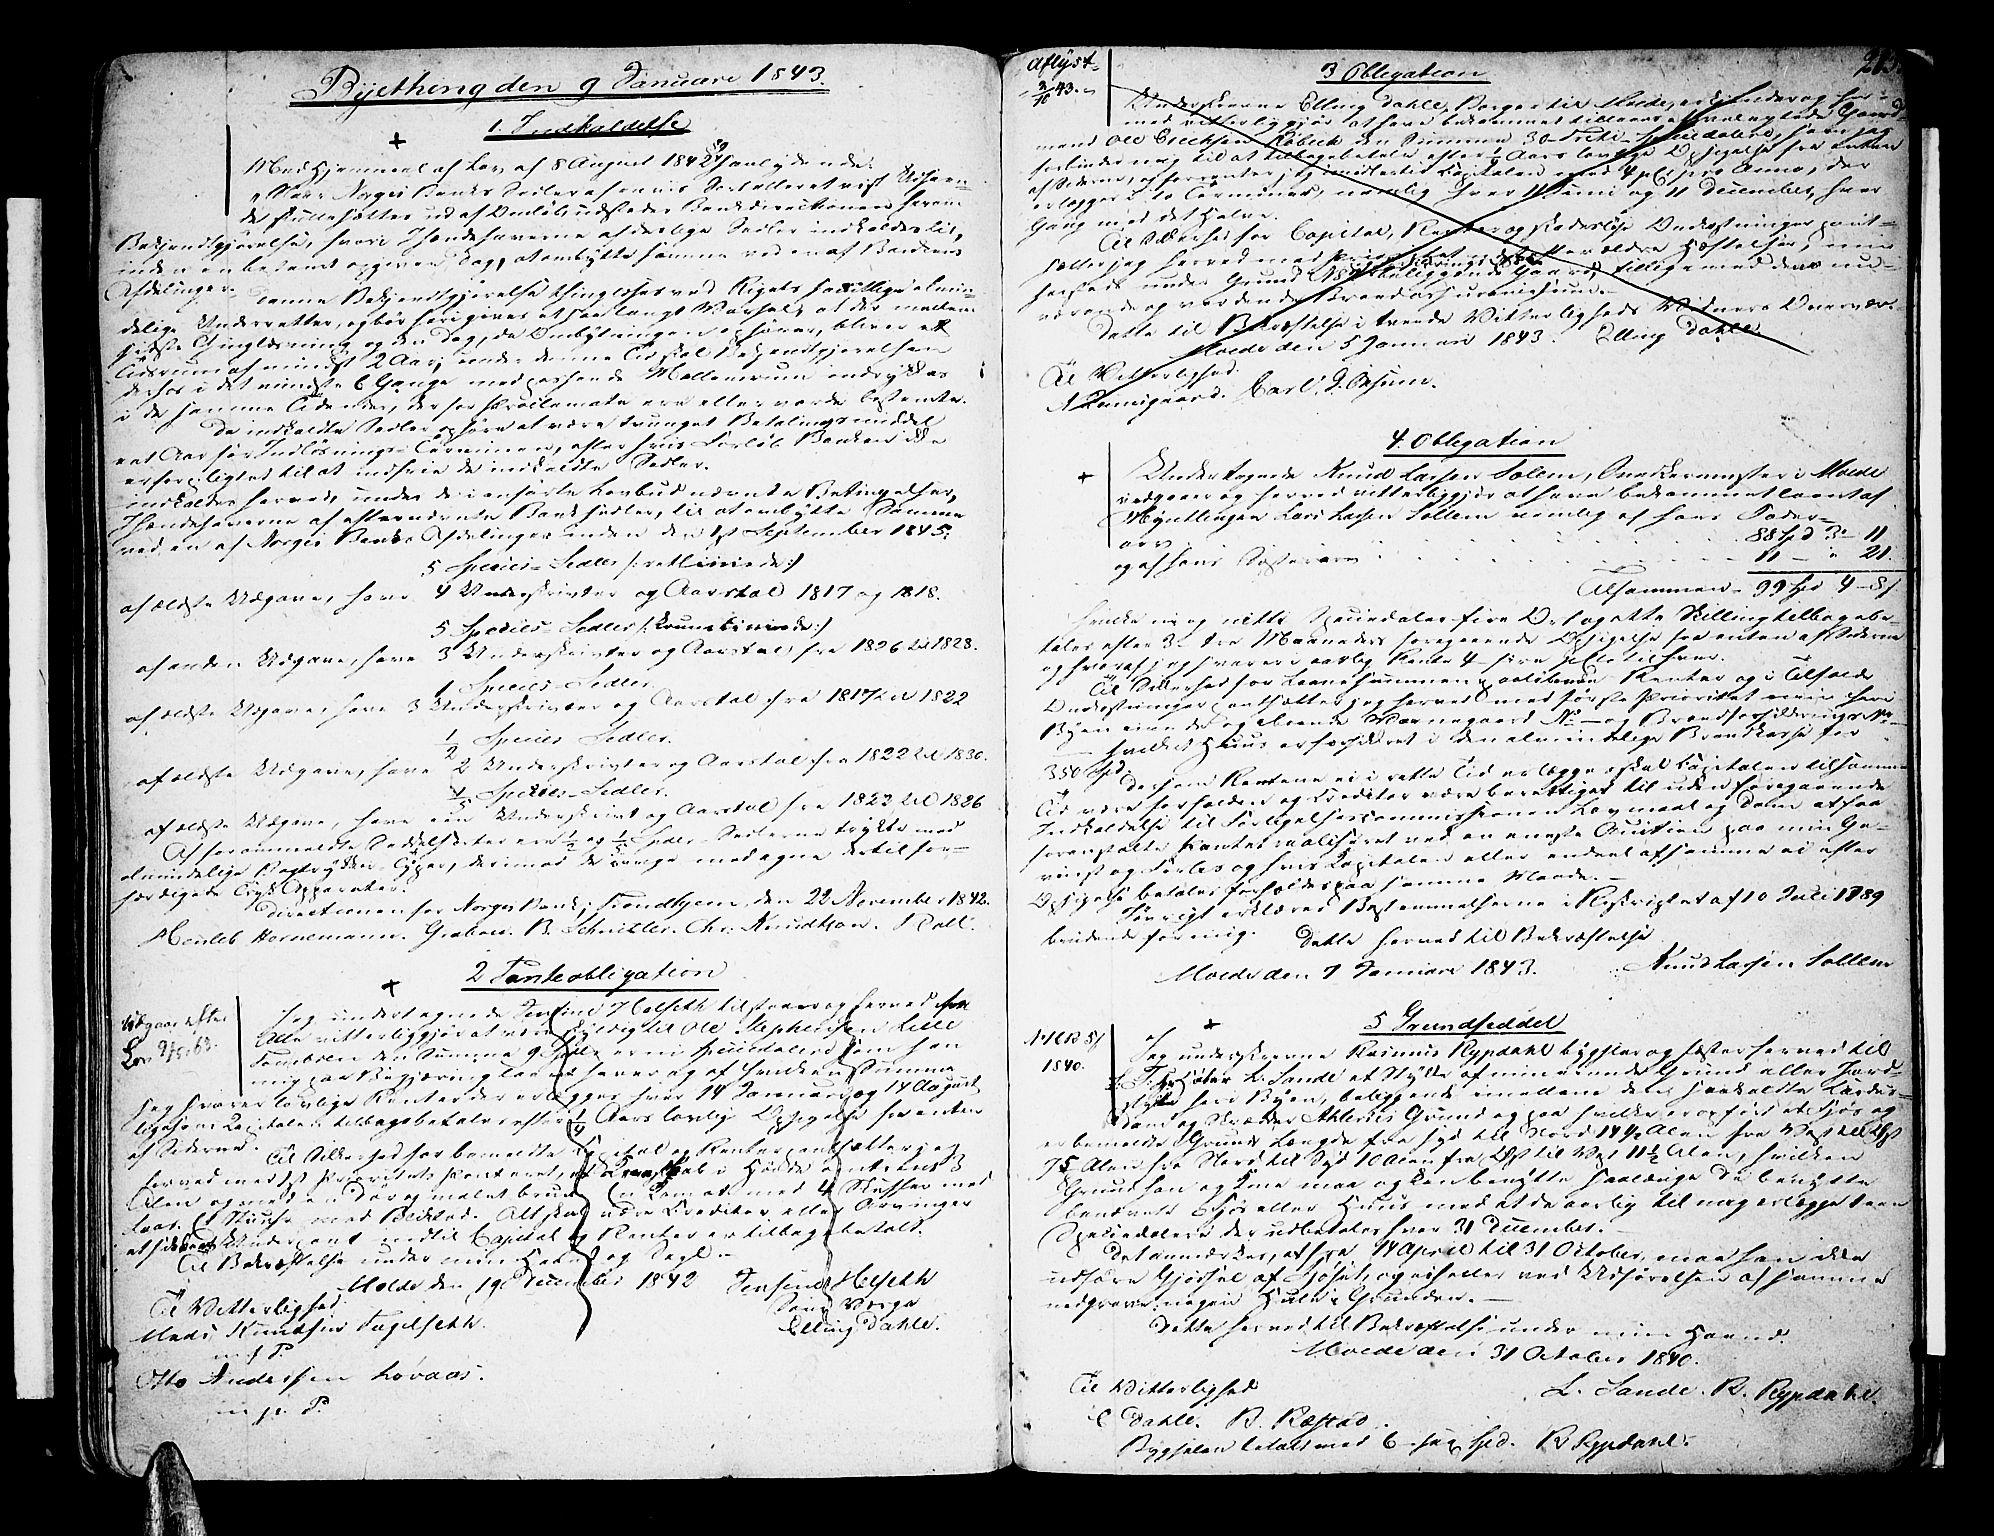 SAT, Molde byfogd, 2/2C/L0002: Pantebok nr. 2, 1823-1844, s. 213